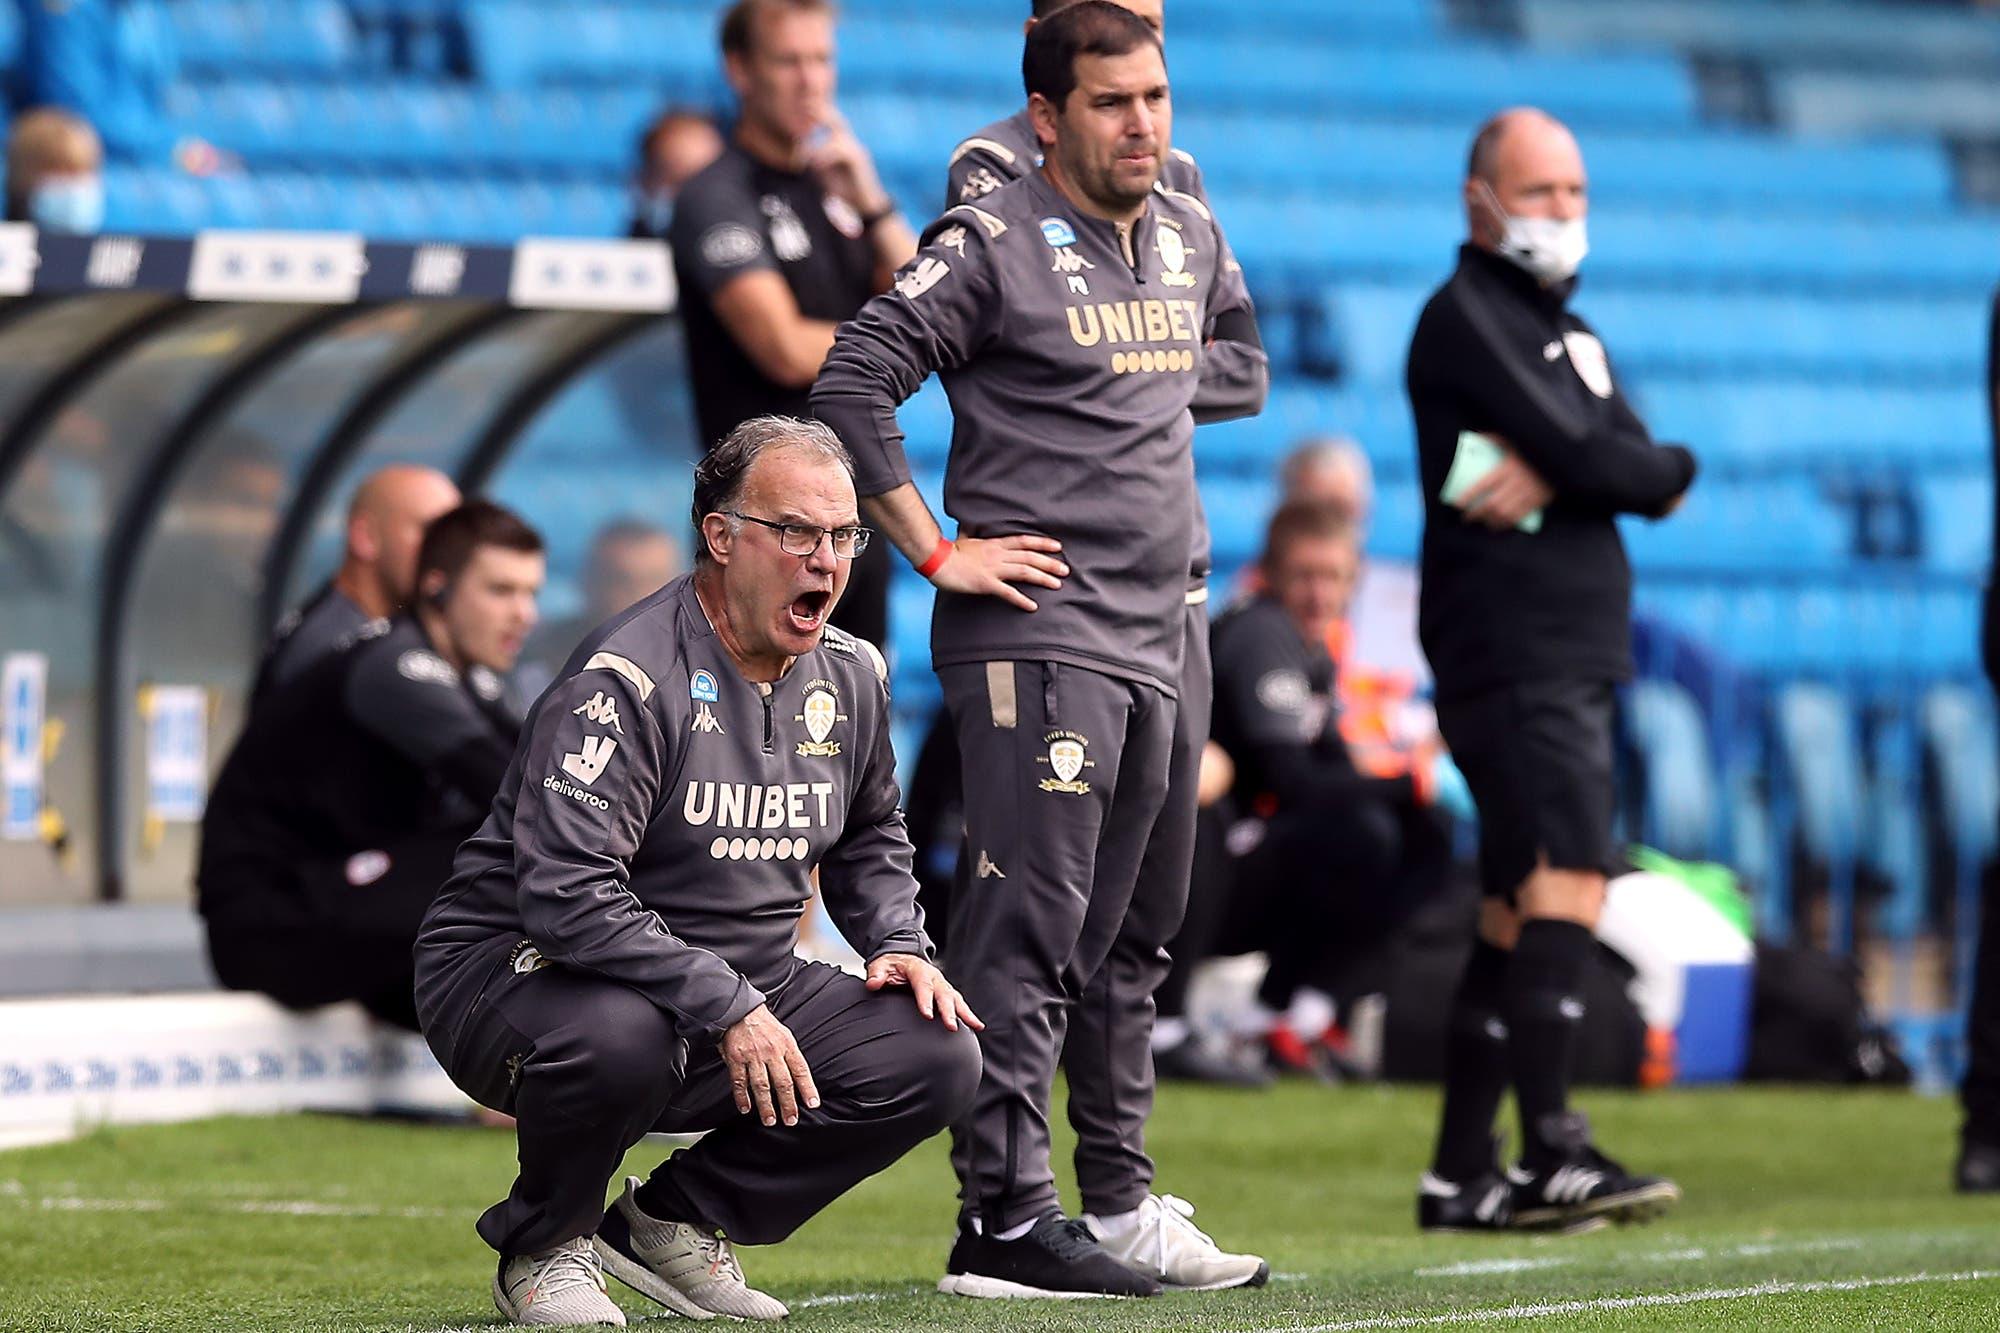 Derby County-Leeds, Championship: el equipo de Bielsa juega con el título de campeón asegurado